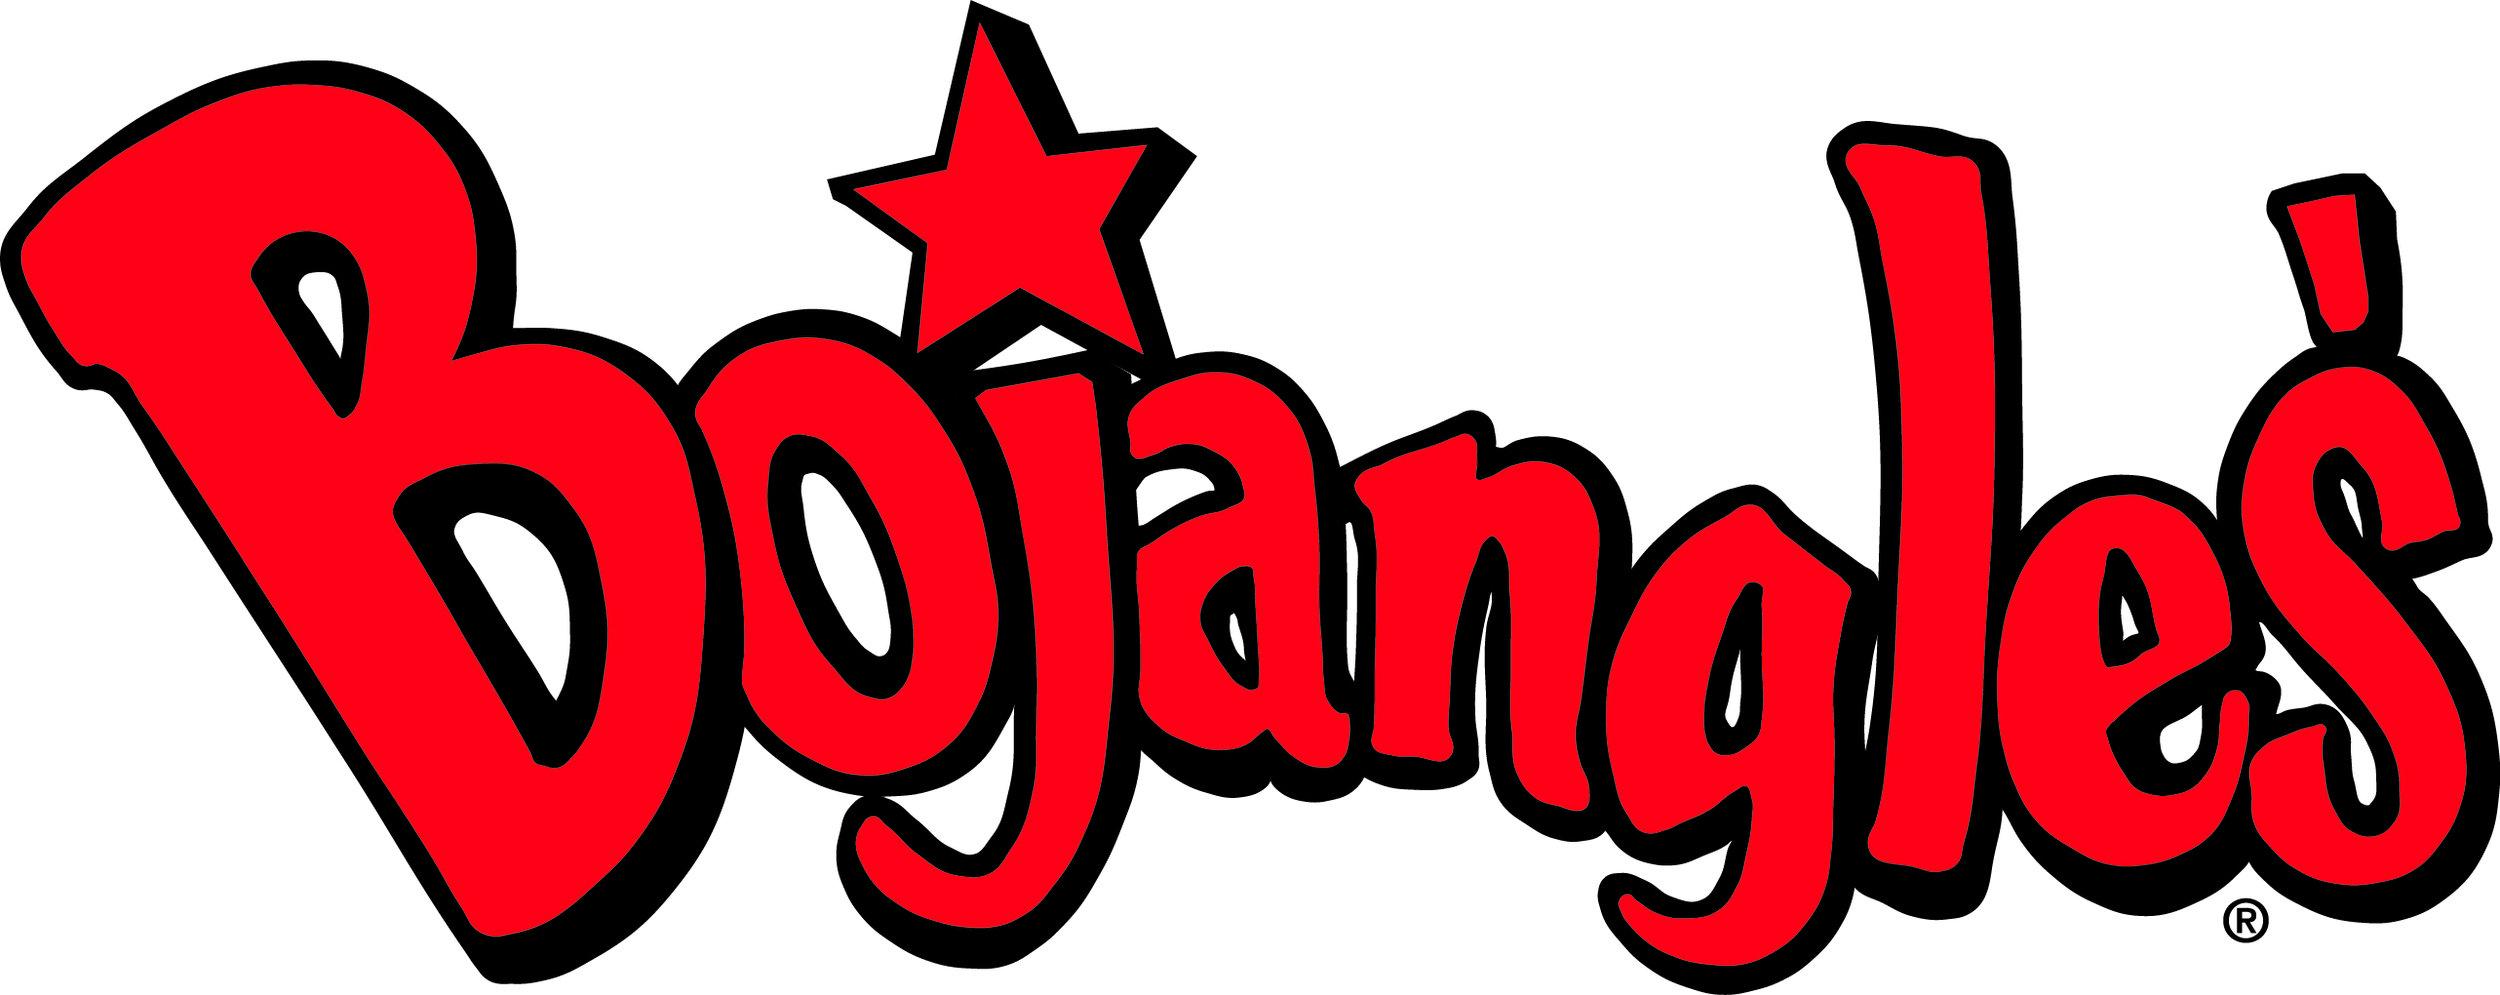 Bojangles-logo_1654349.jpg